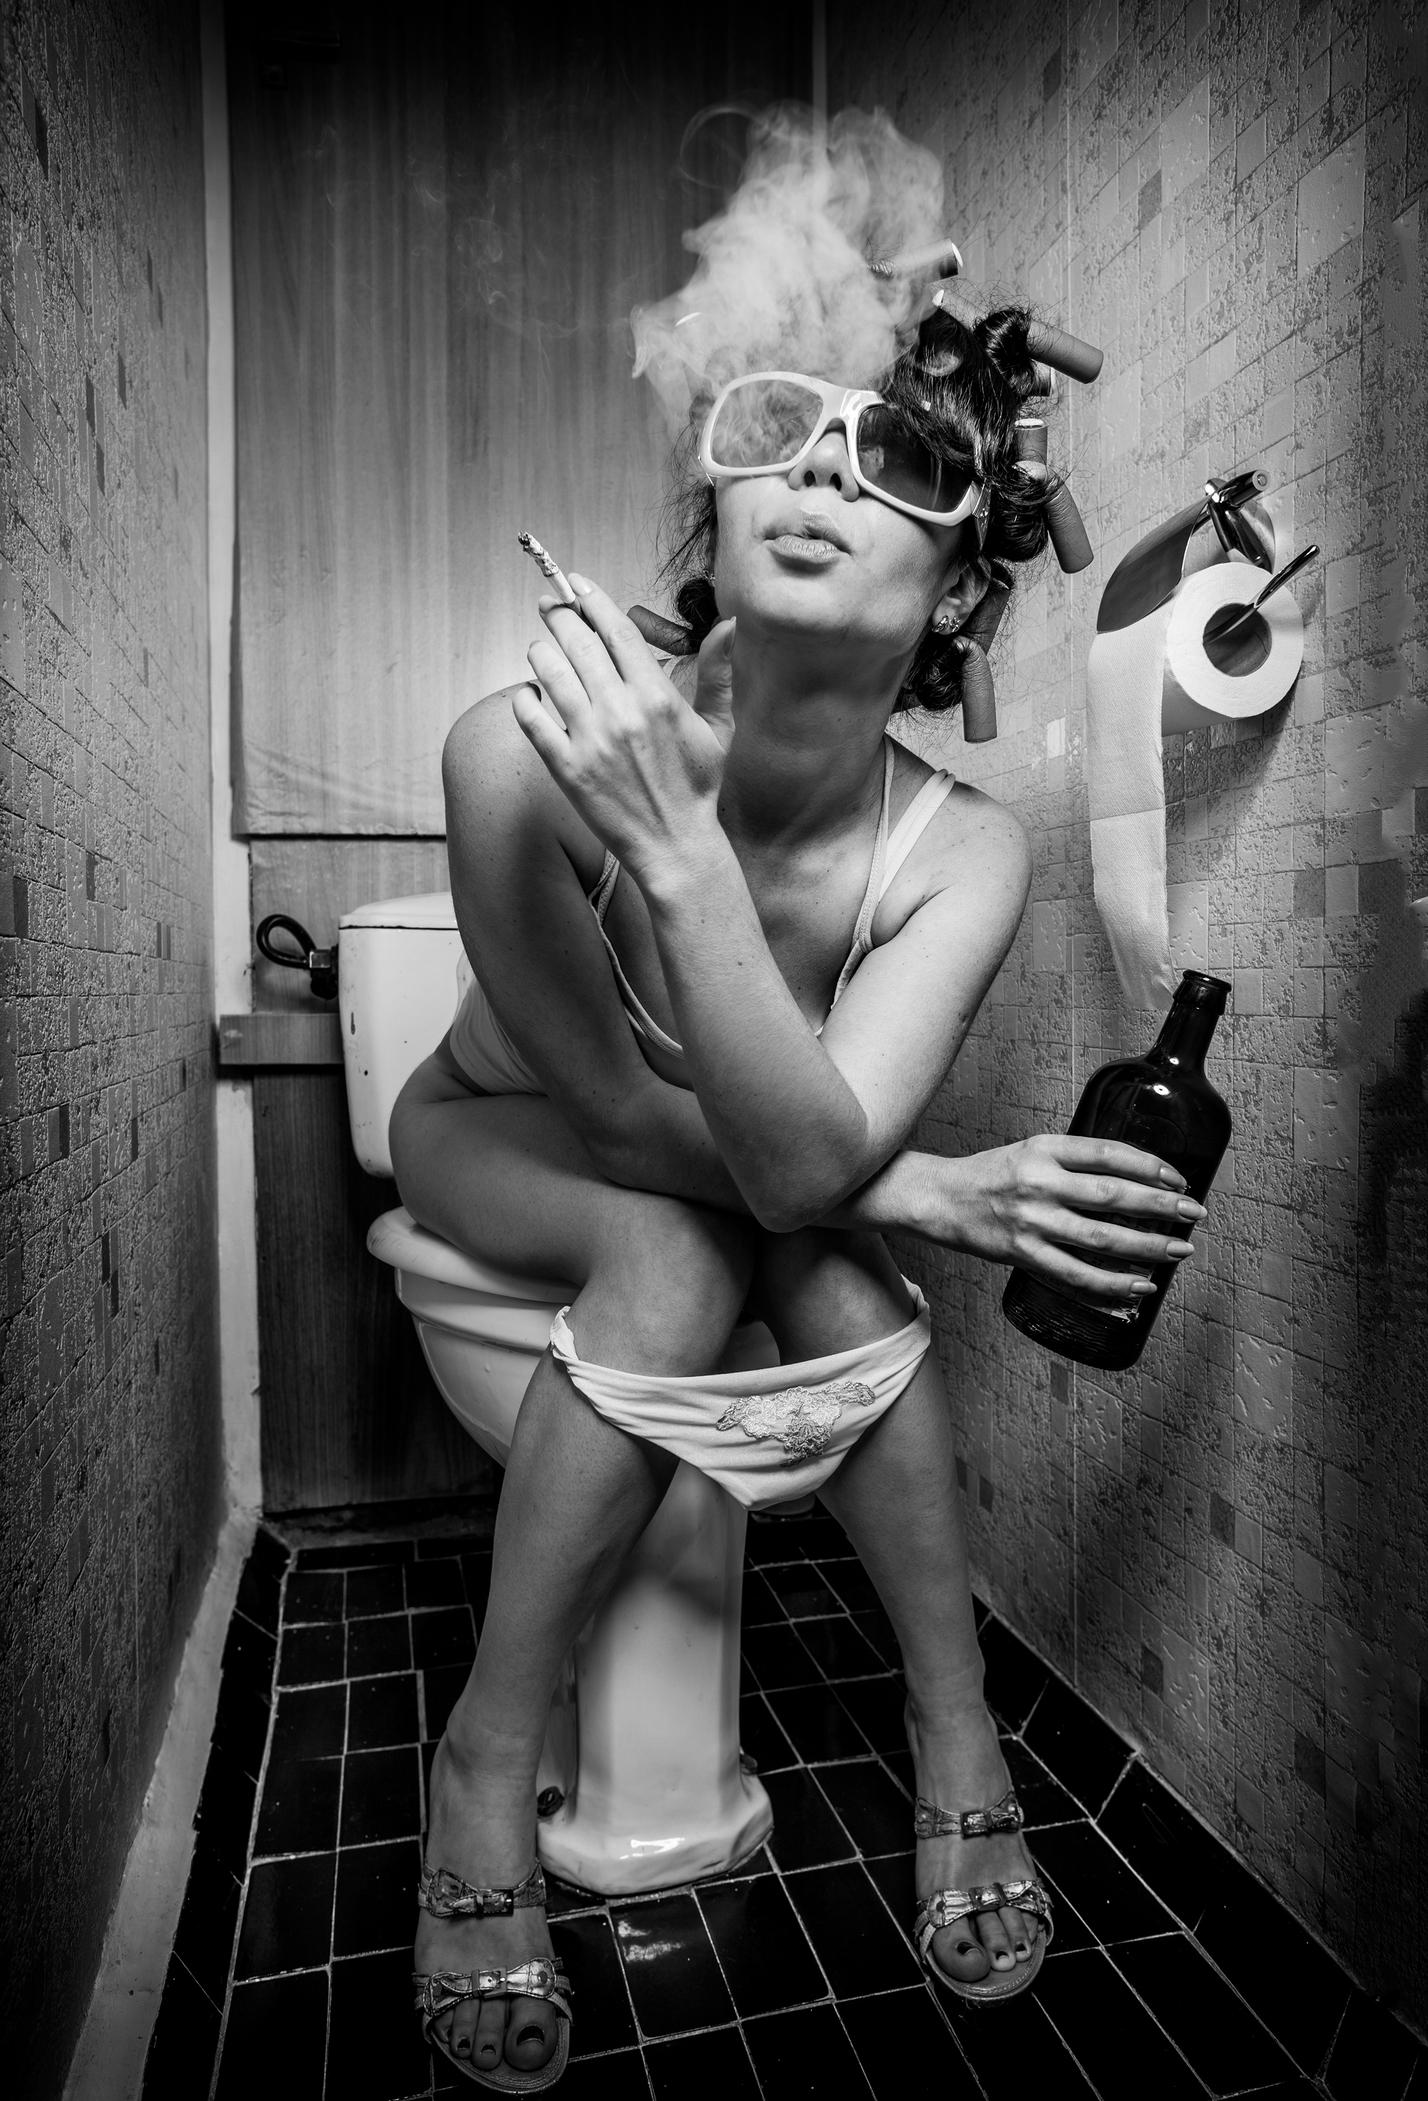 неё нахлынул фото женщина курит на унитазе сексуальных